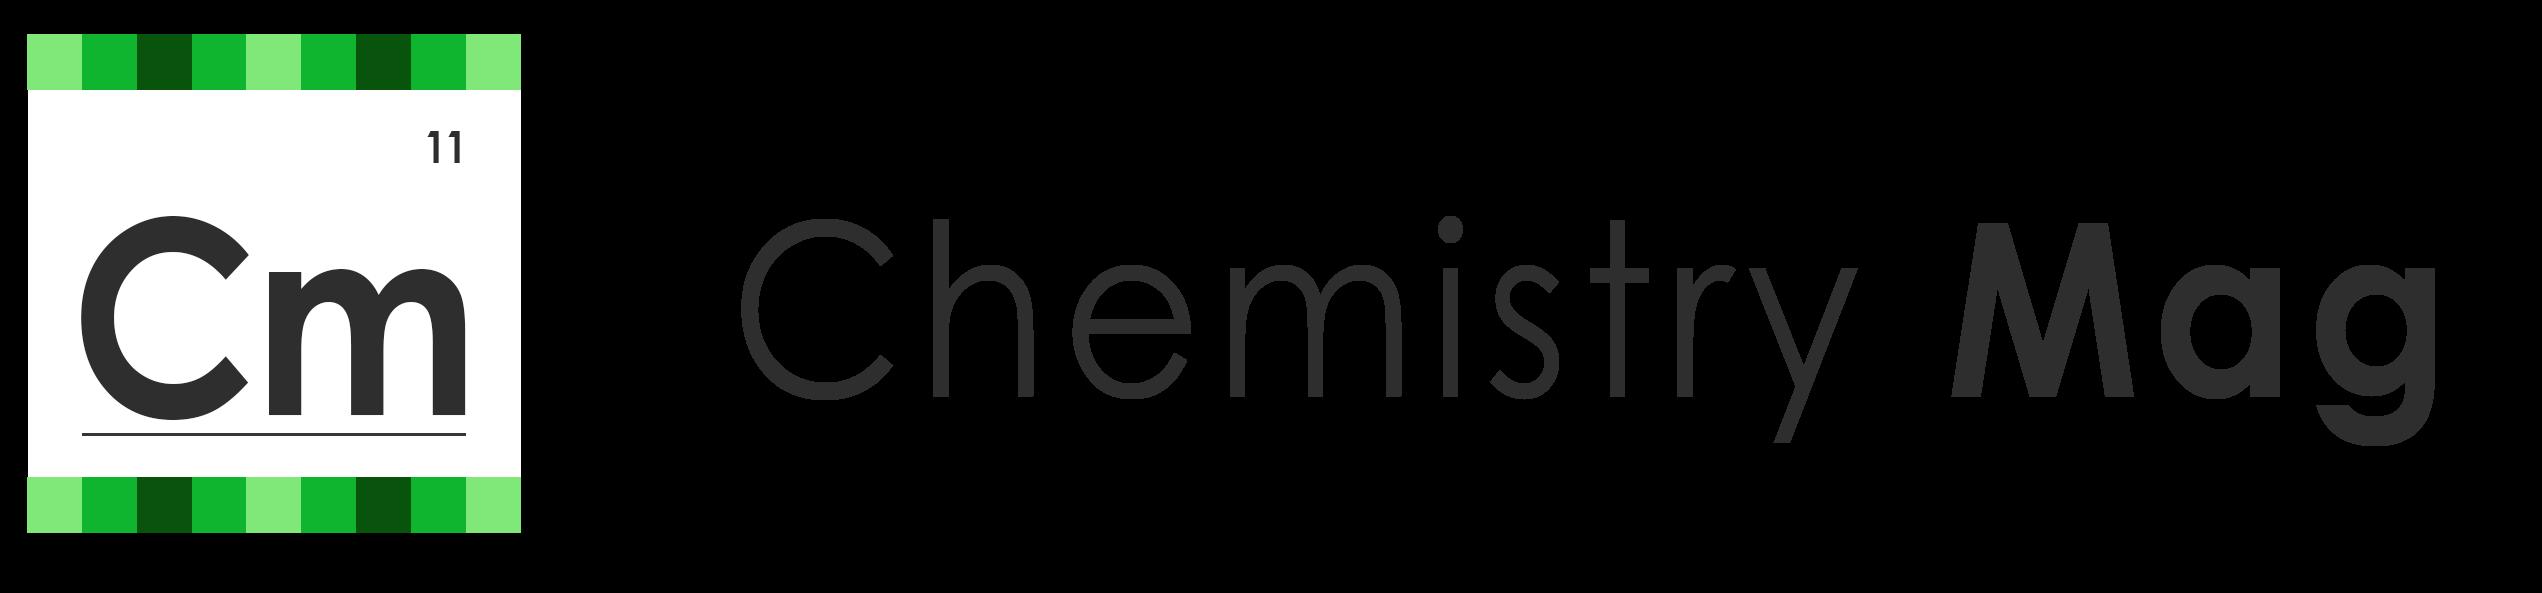 Chemistry Magazine Online